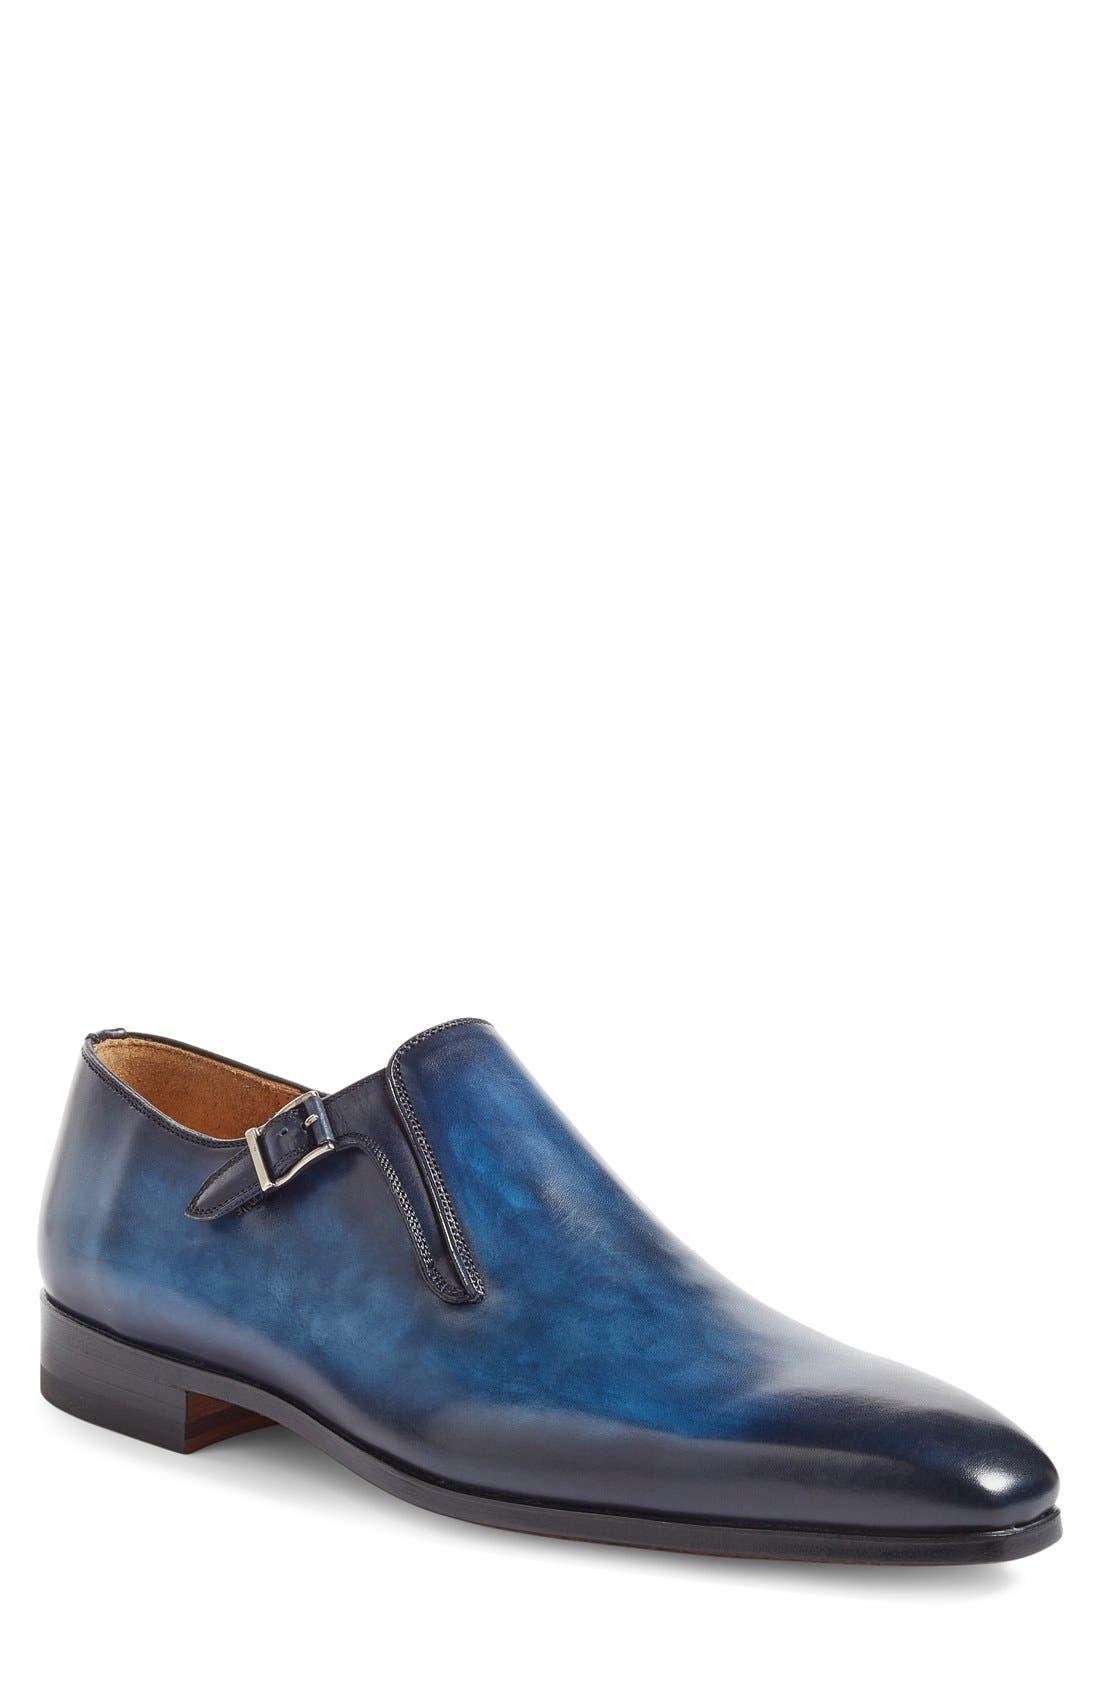 Beltran Monk Strap Shoe,                             Main thumbnail 1, color,                             Navy